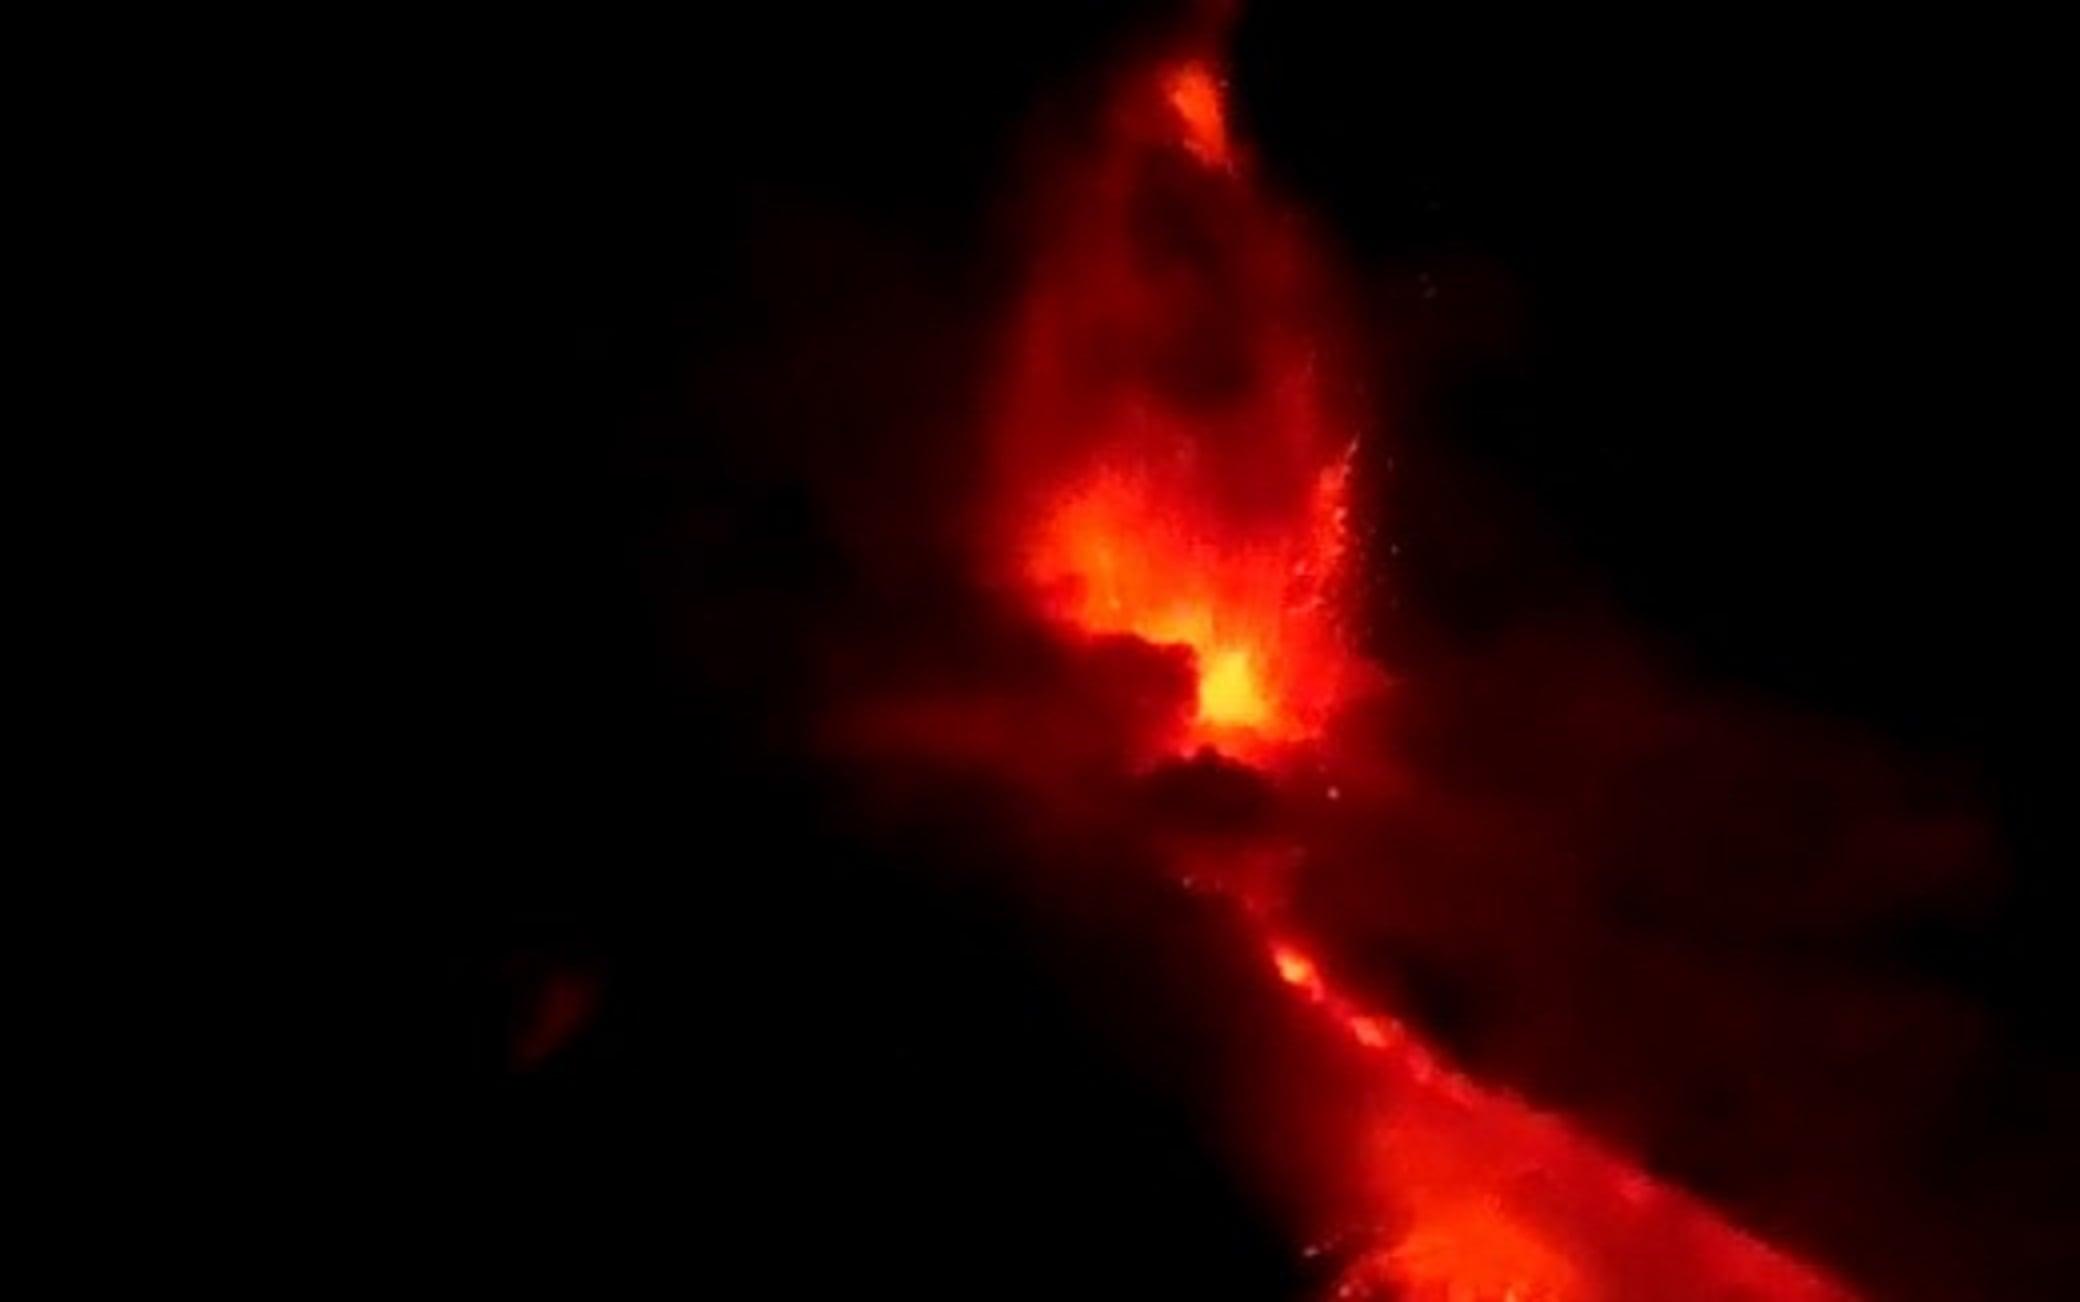 La nuova fase parossistica sull'Etna